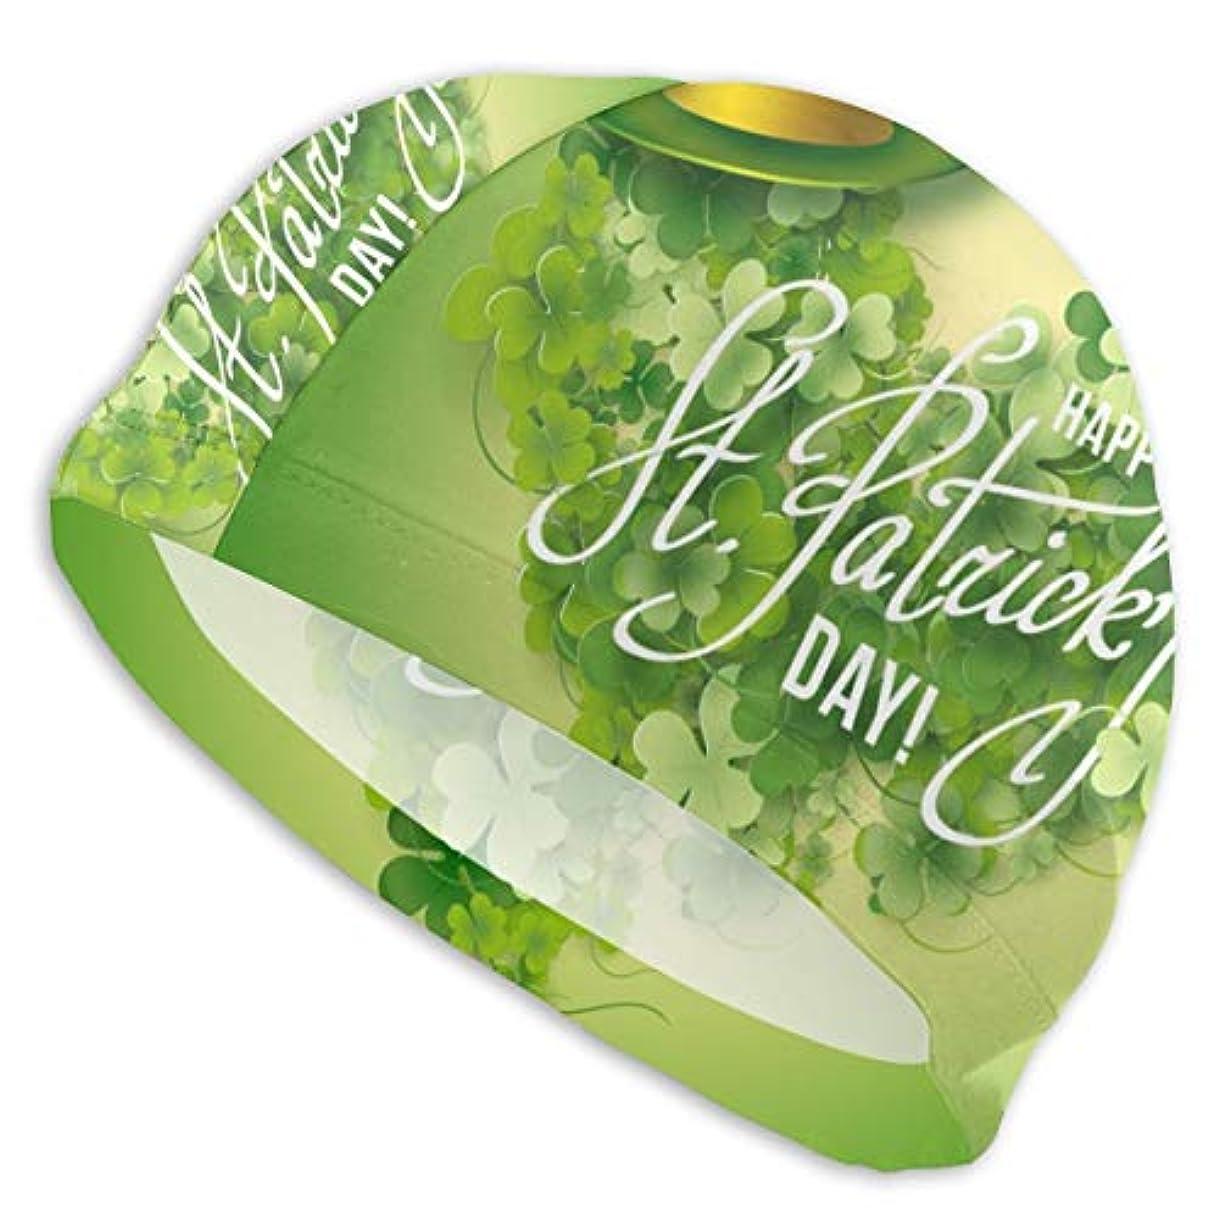 摩擦トランペット引退するハッピー聖パトリックの日(3)スイムキャップ スイミングキャップ 水泳キャップ 競泳 水泳帽 メンズ レディース 兼用 ゆったりサイズ フリーサイズ(28-33cm)